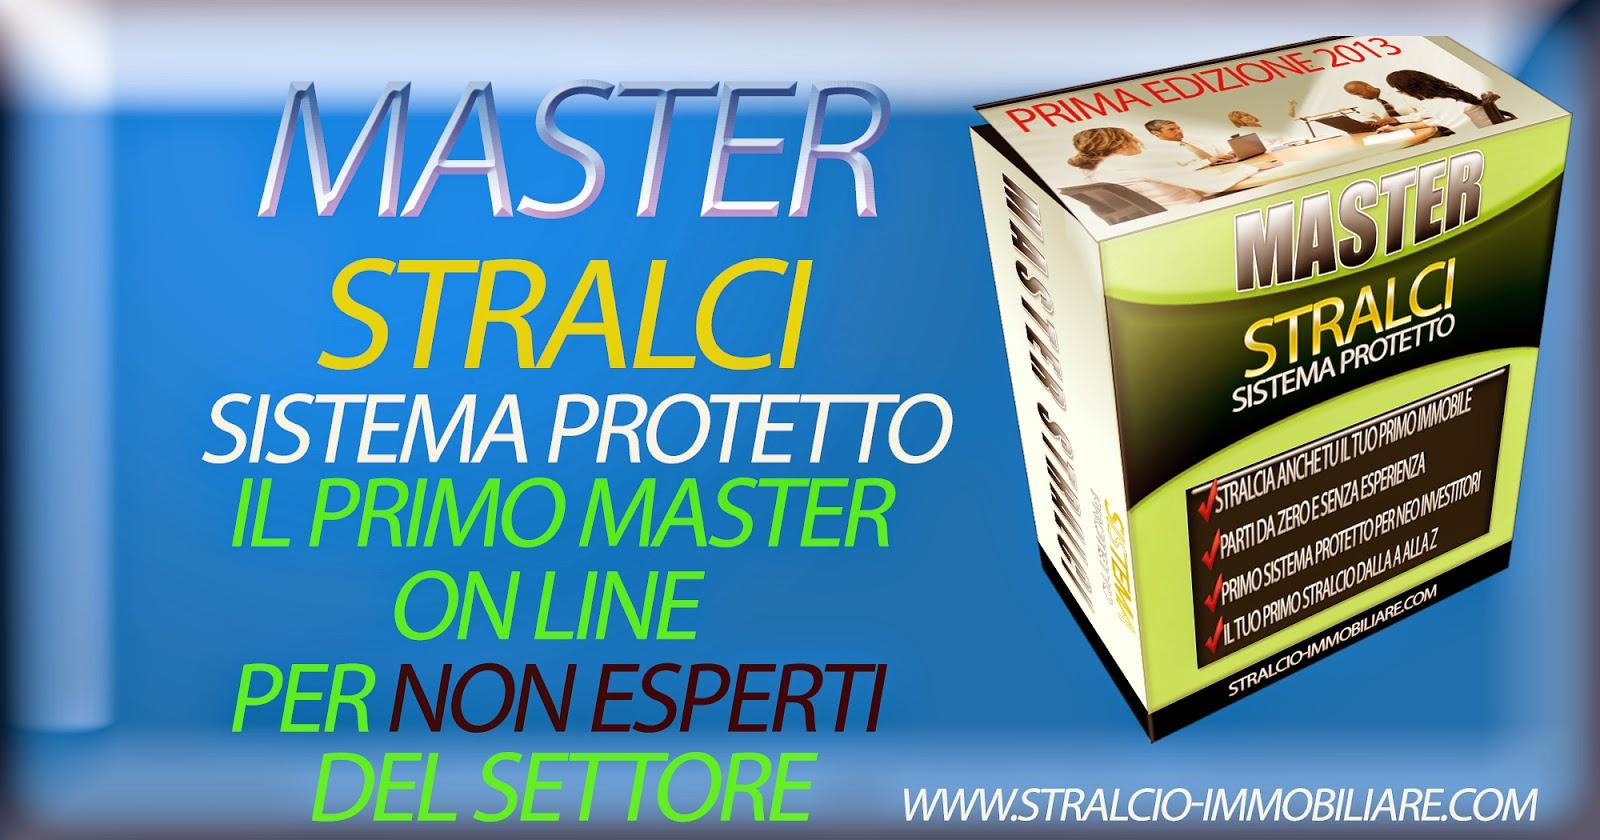 http://www.stralcio-immobiliare.com/p/blog-page_27.html